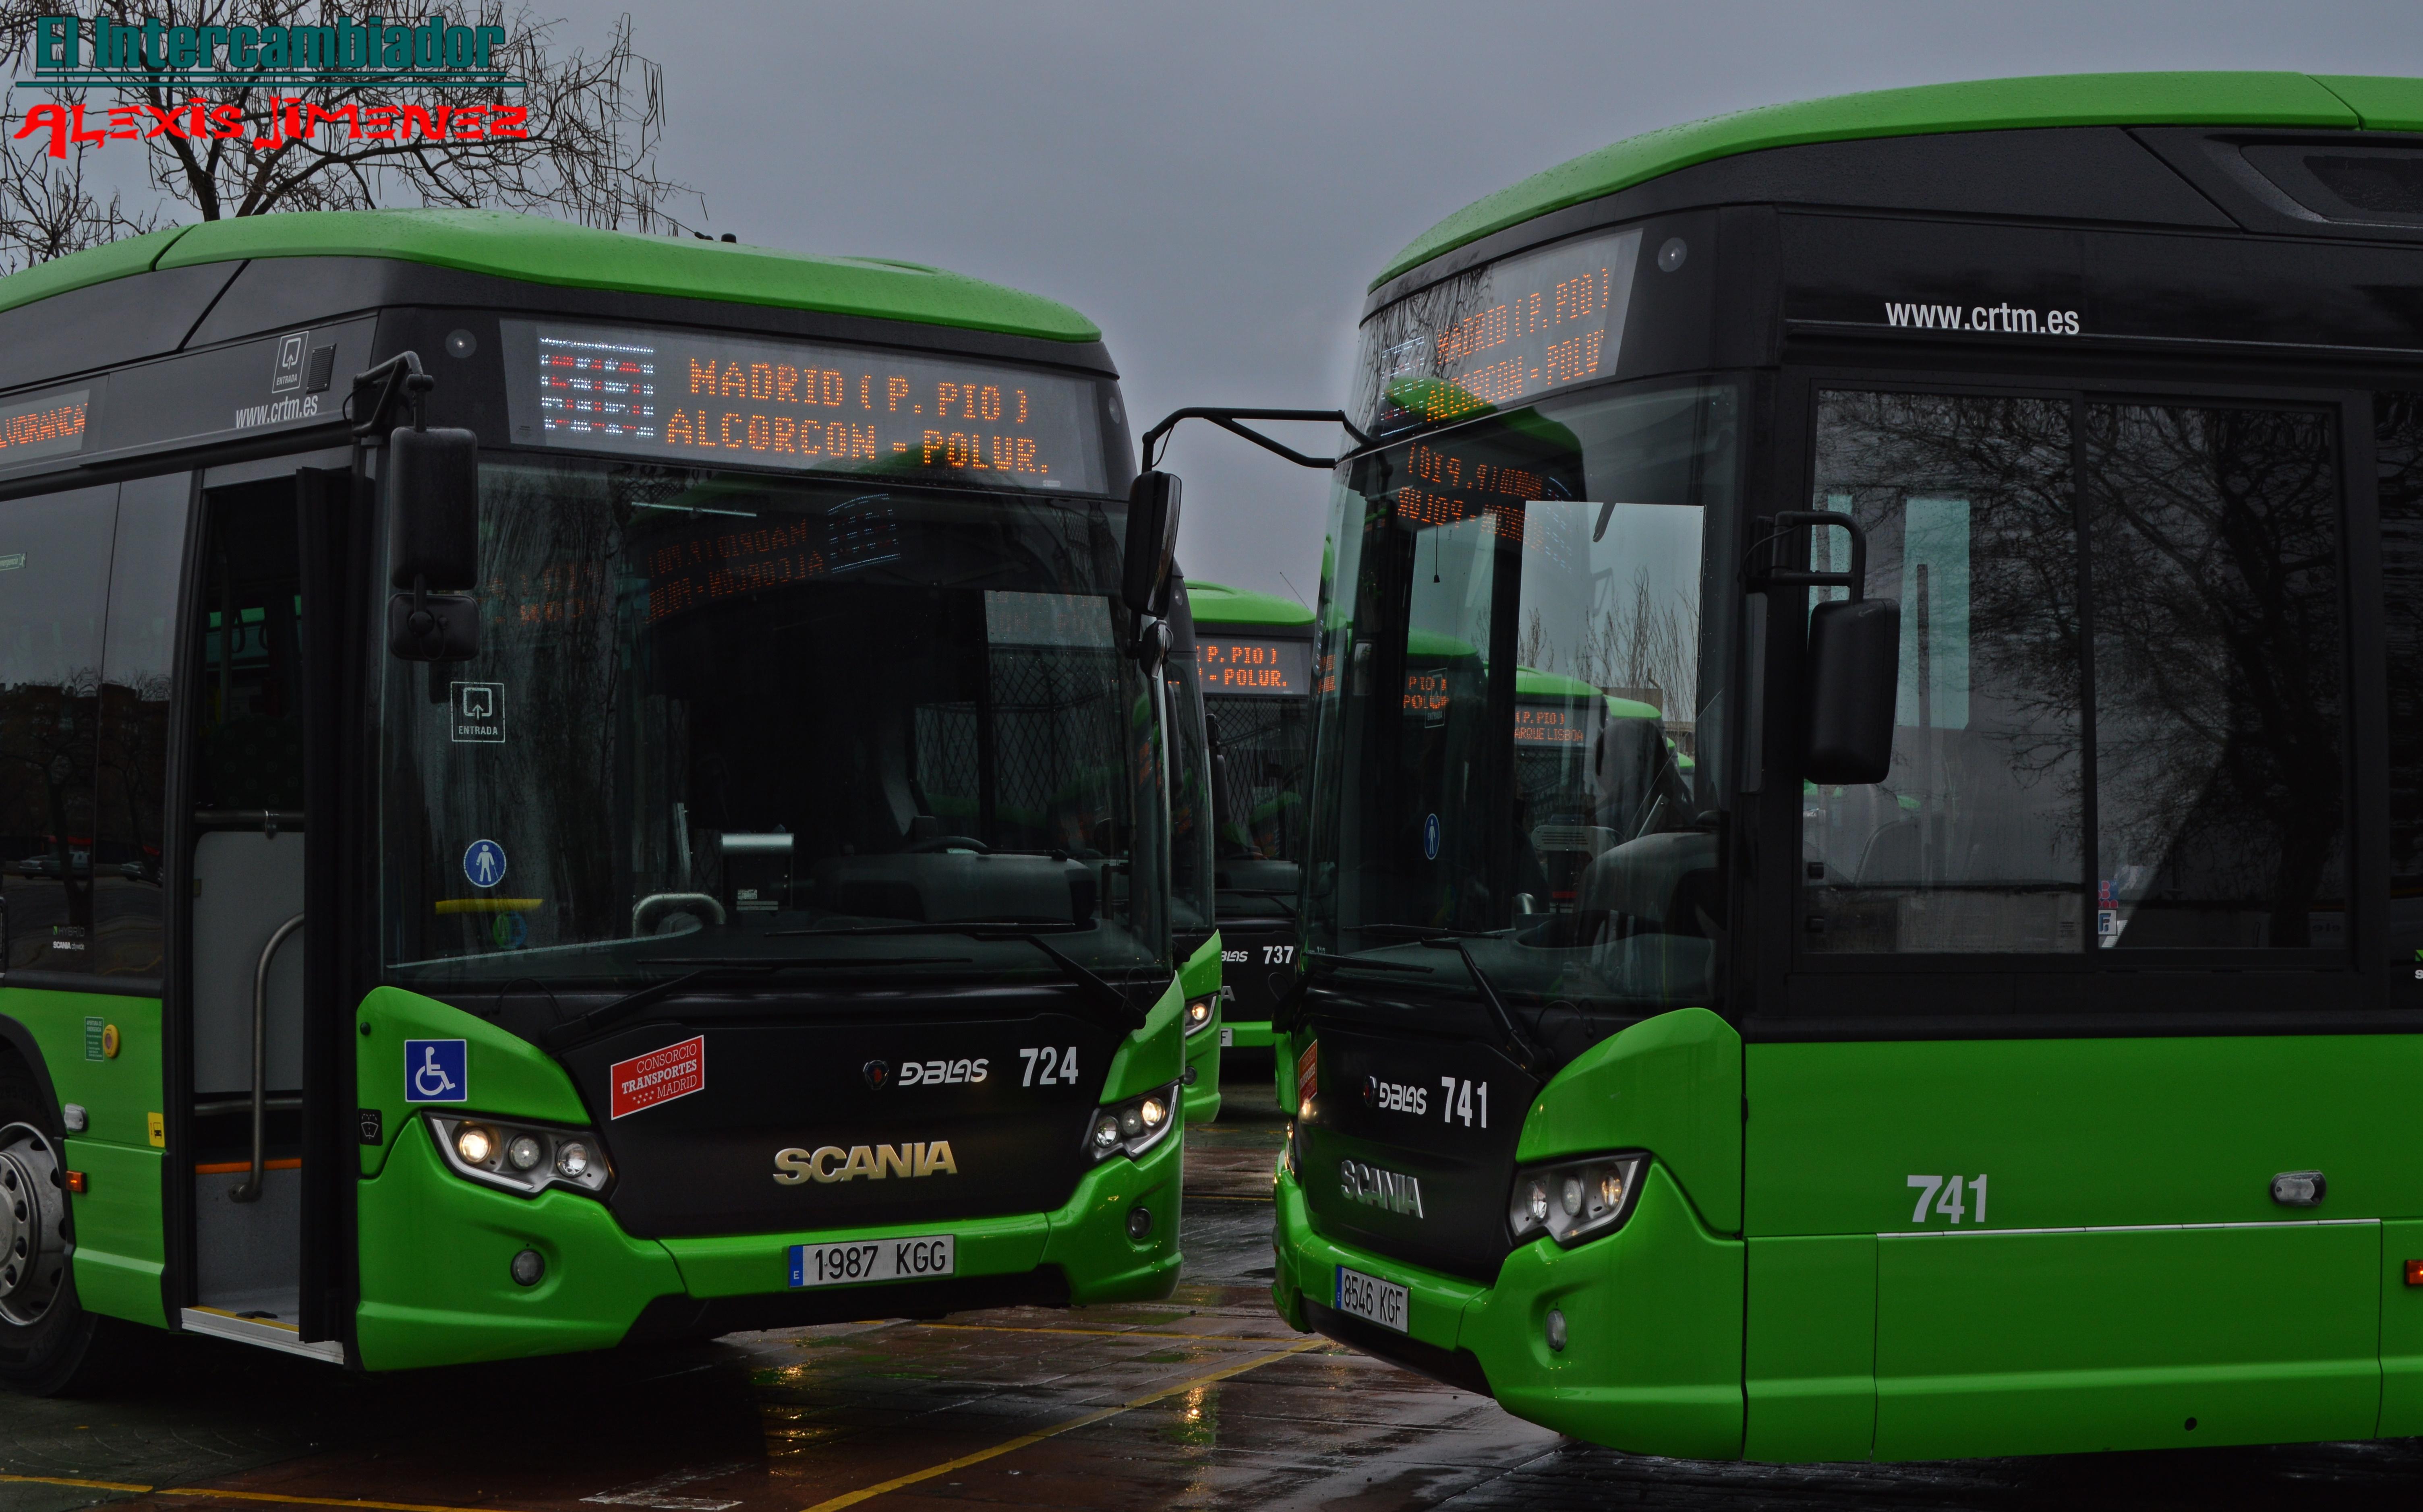 Dos de los nuevos autobuses presentados